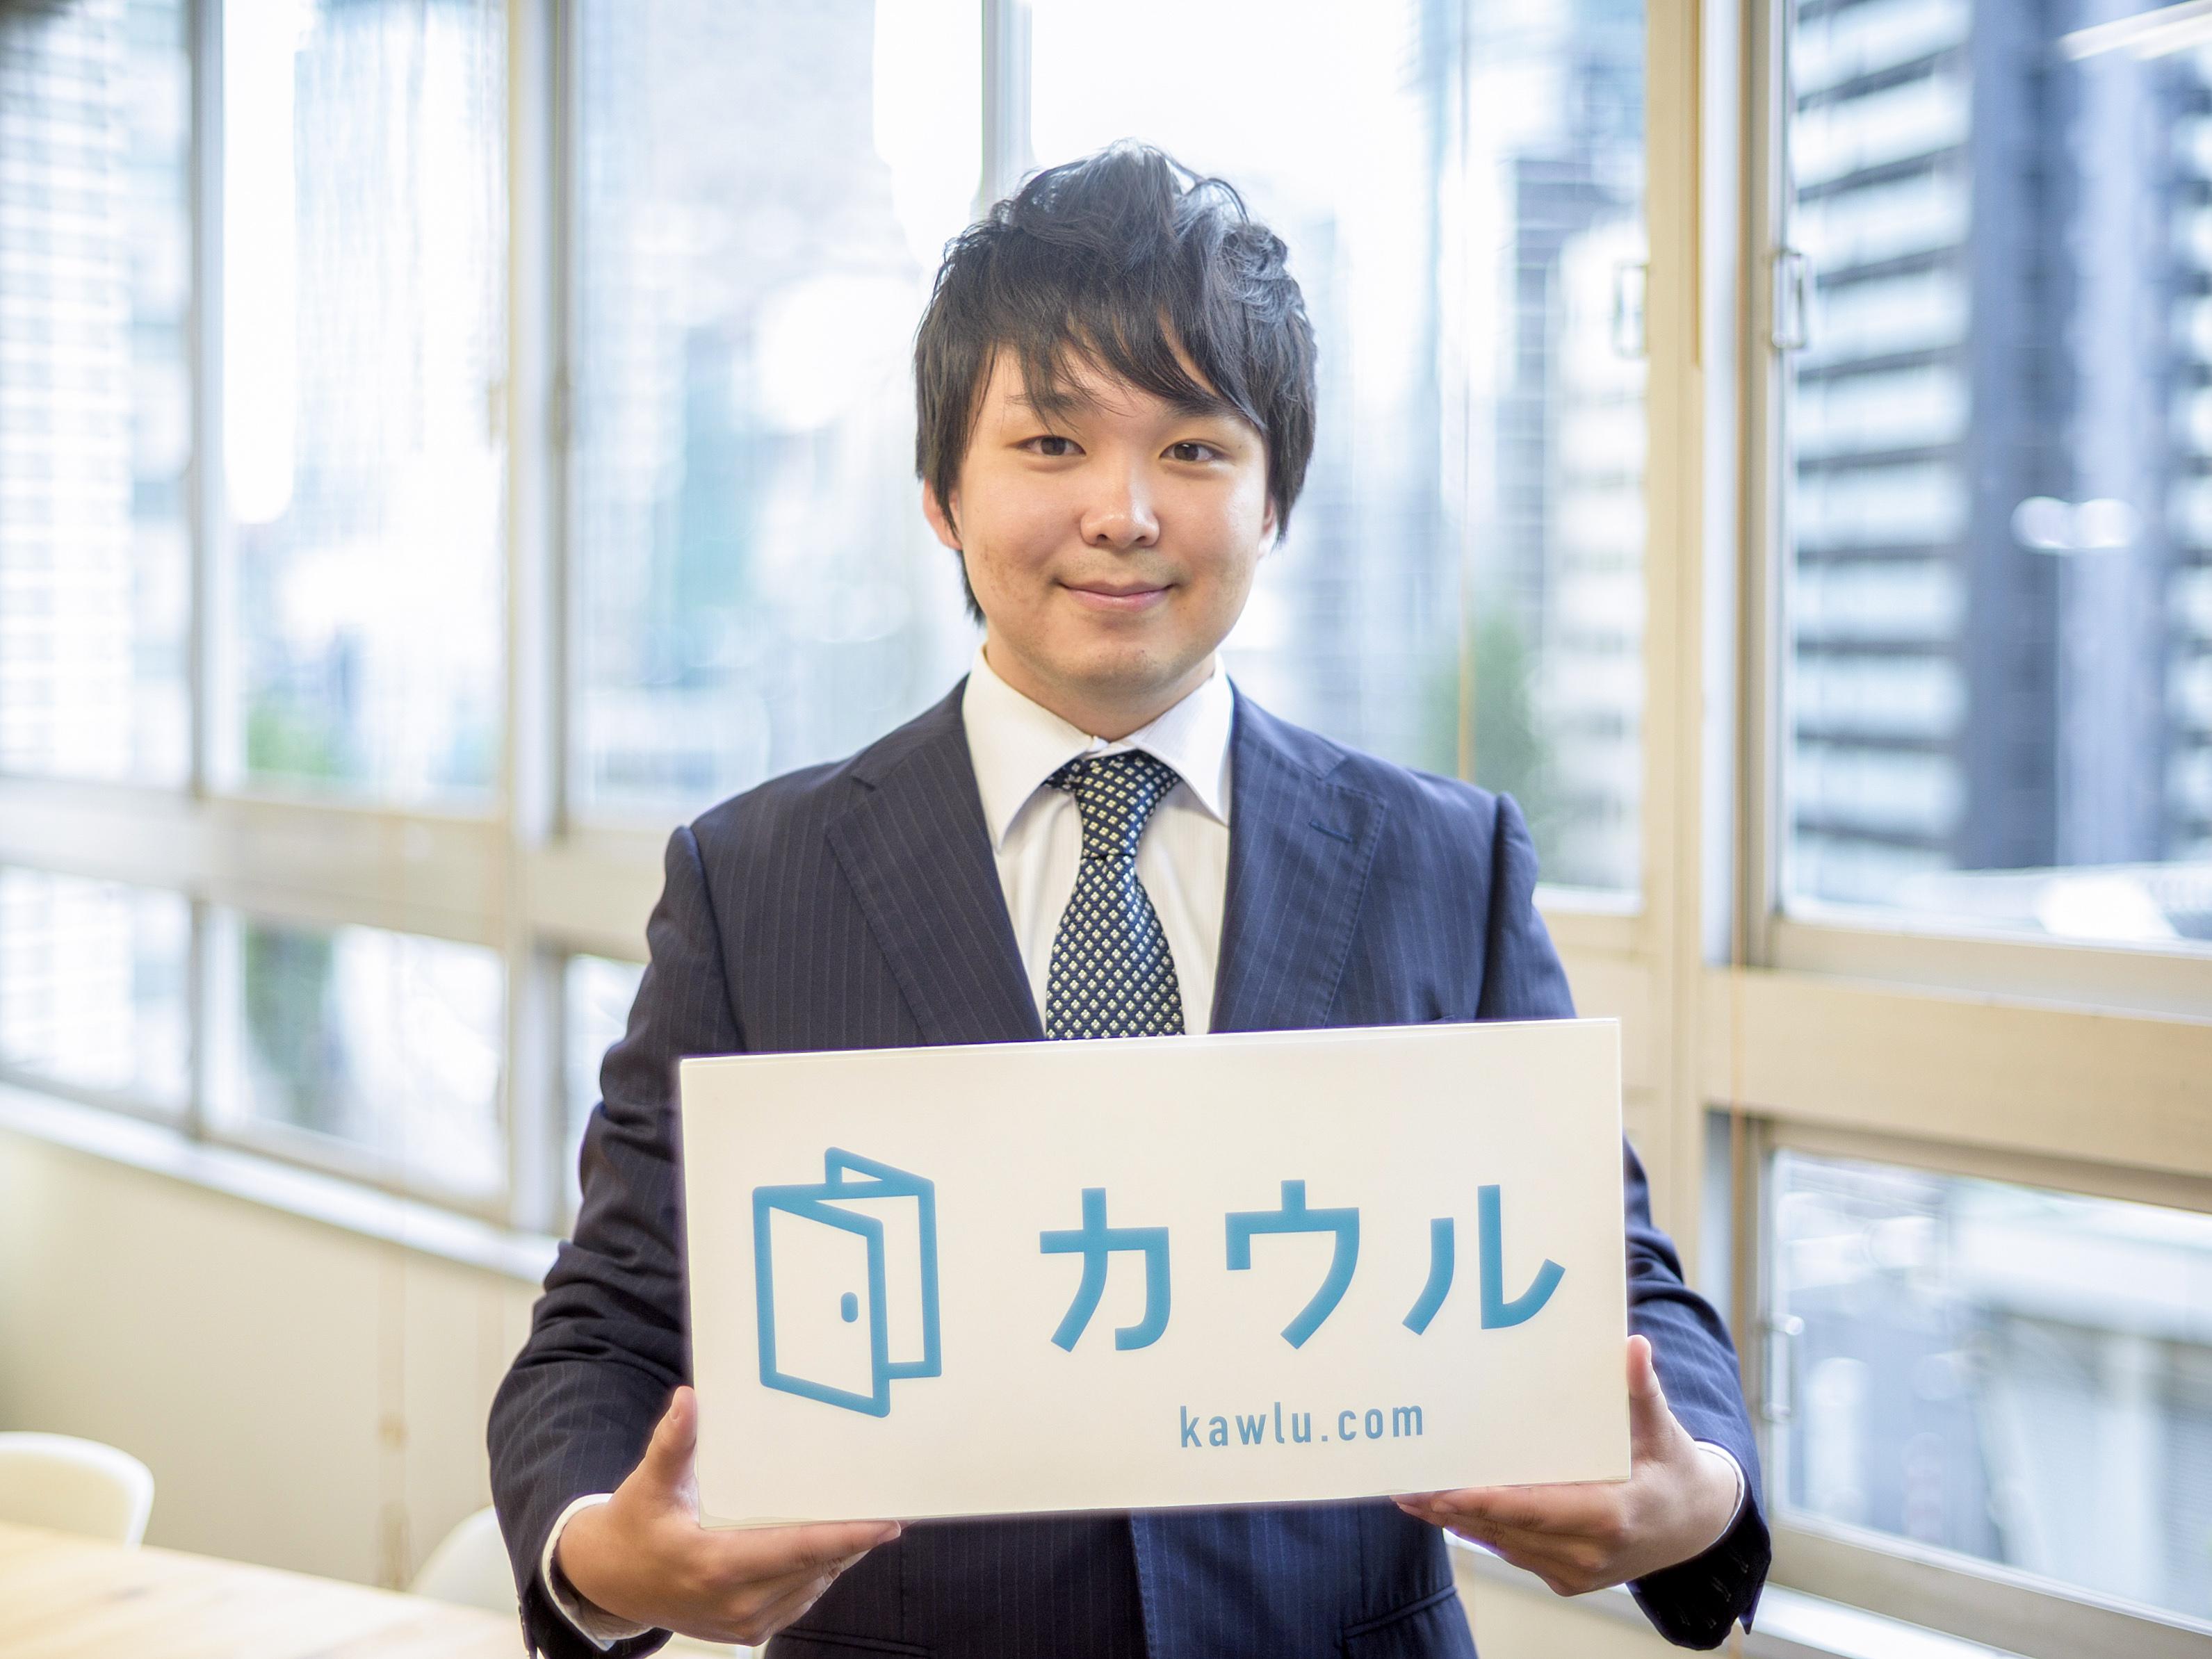 鈴木 隆士:社員紹介インタビュー